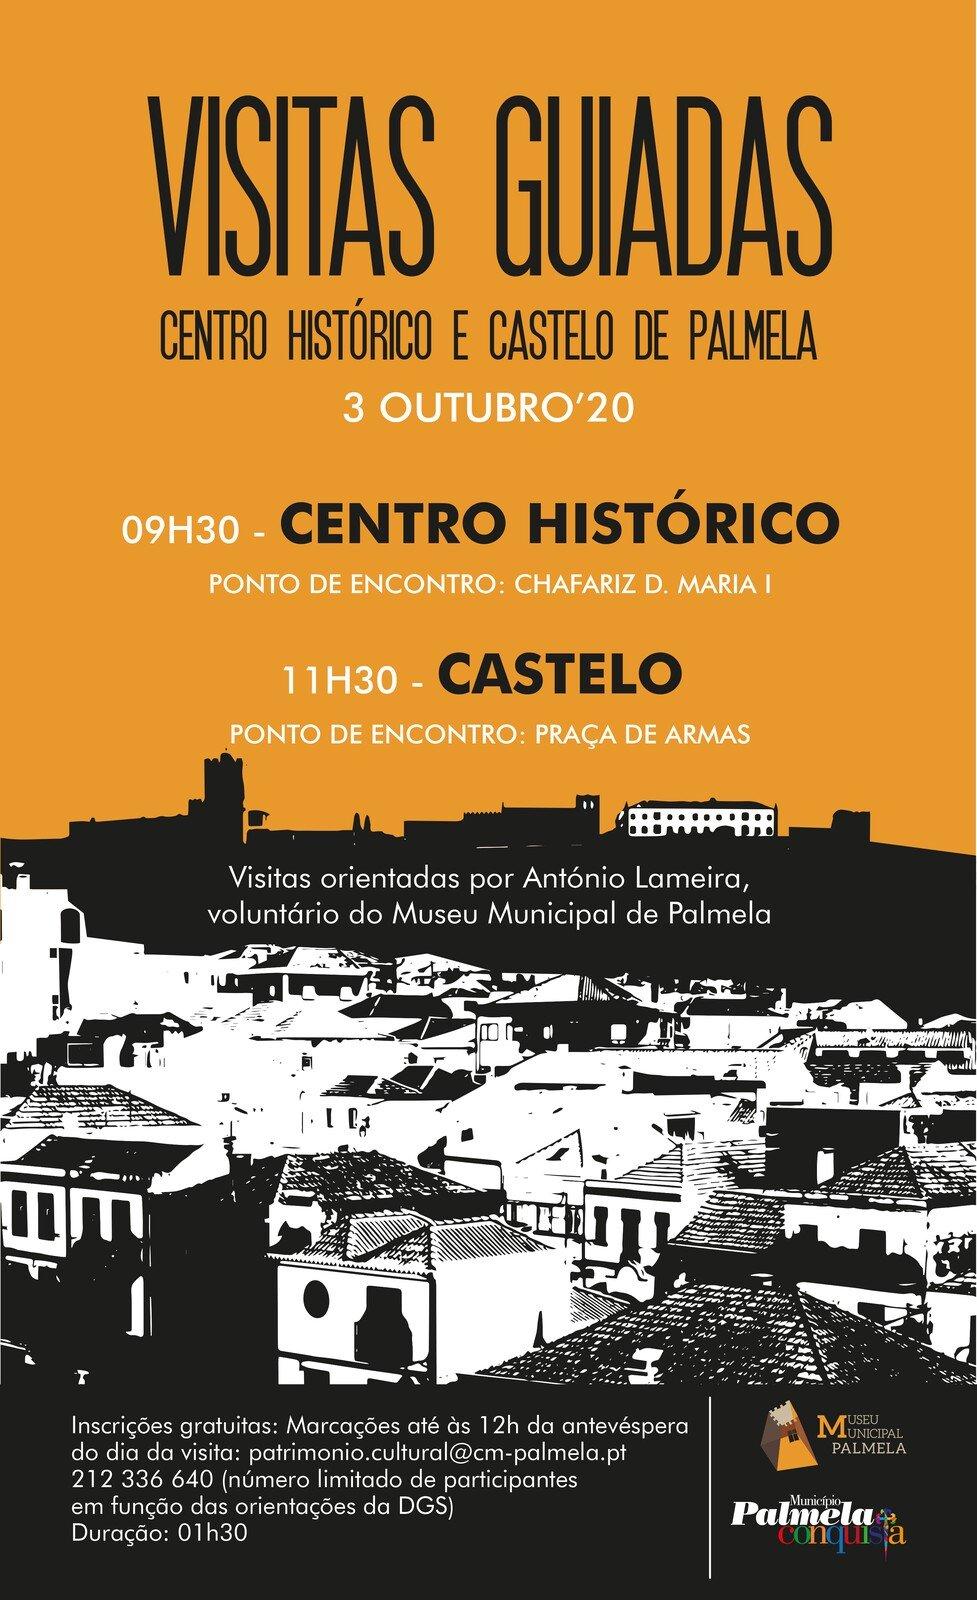 VISITAS GUIADAS AO CASTELO E CENTRO HISTÓRICO ...